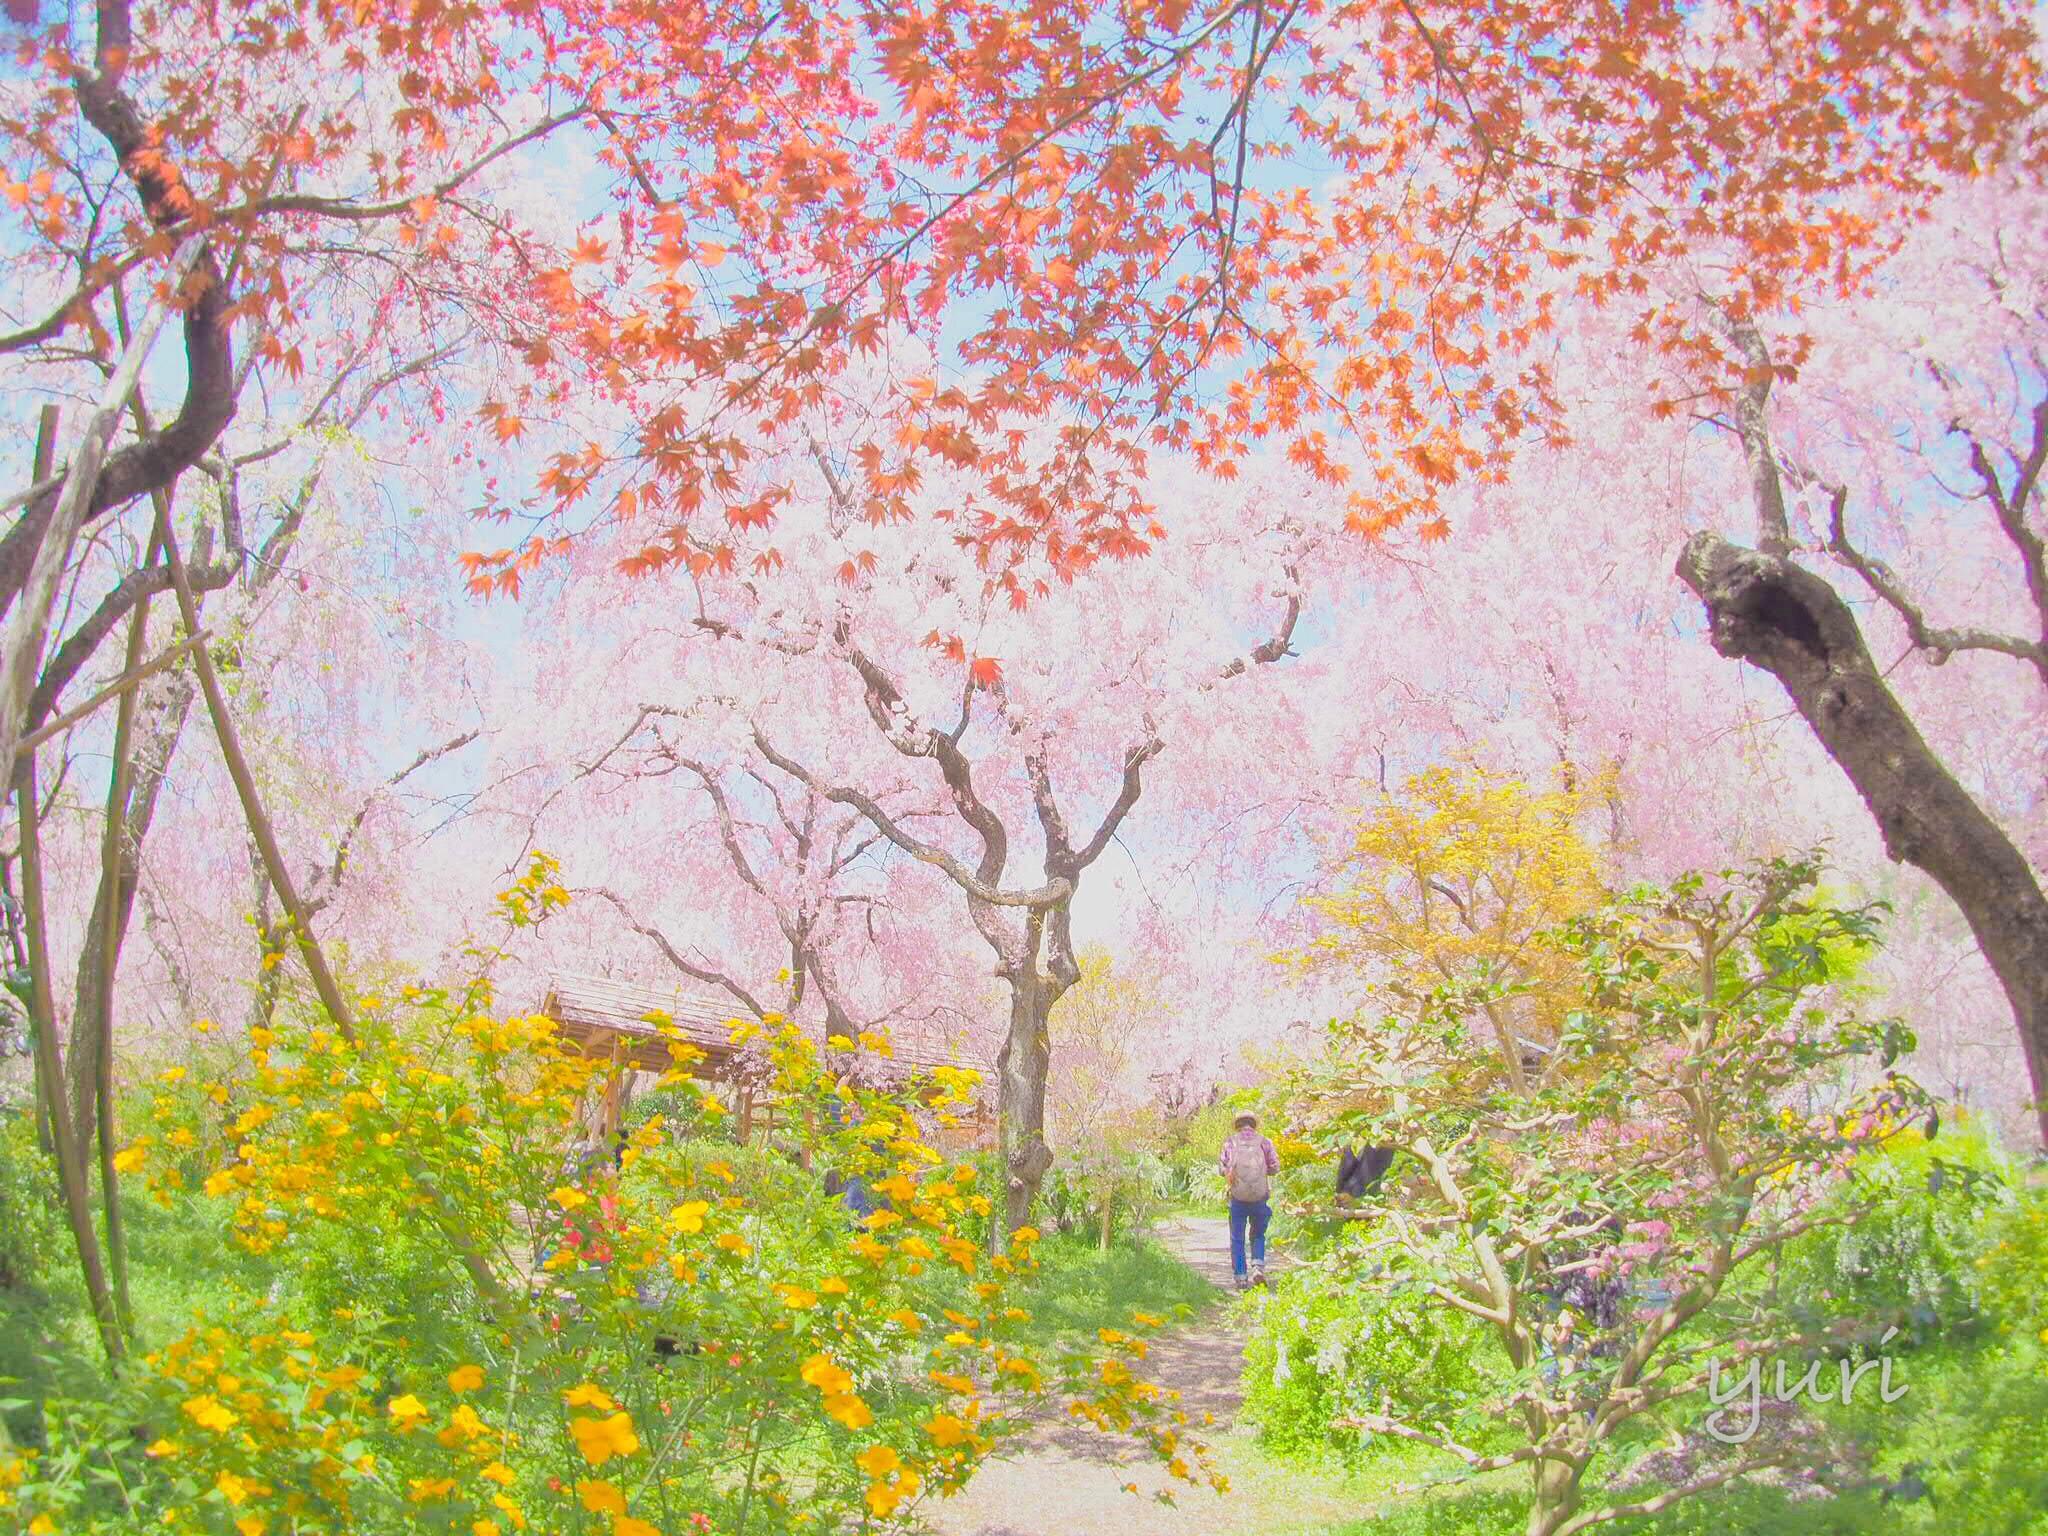 日本一の春に出会える場所。感動の原谷苑へ